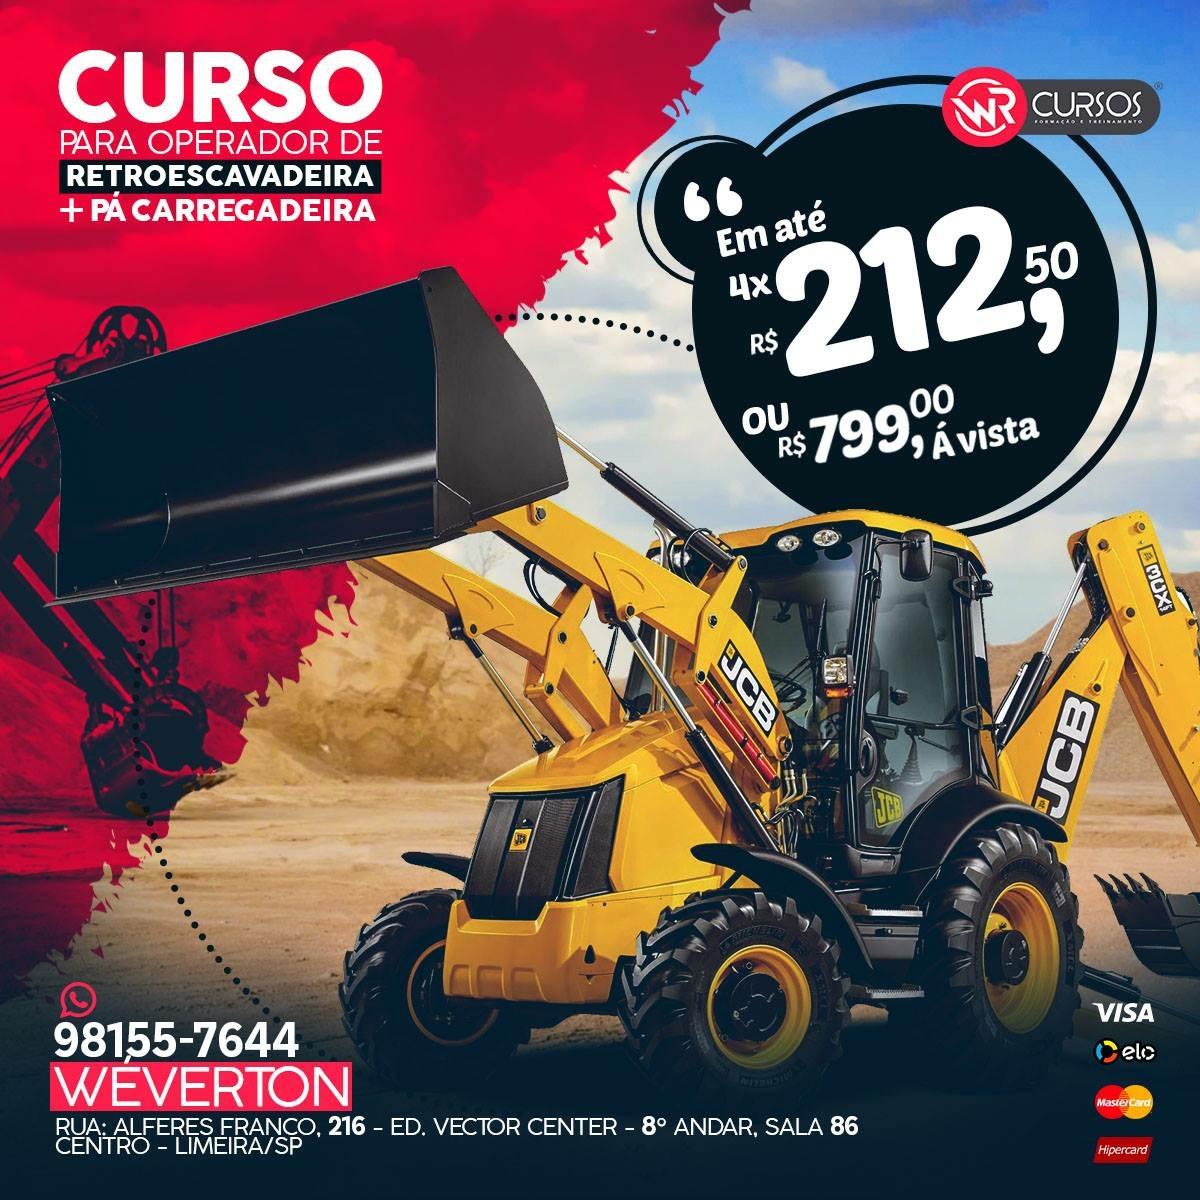 CURSOS OPERADOR DE RETROESCAVADEIRA + PÁ CARREGADEIRA